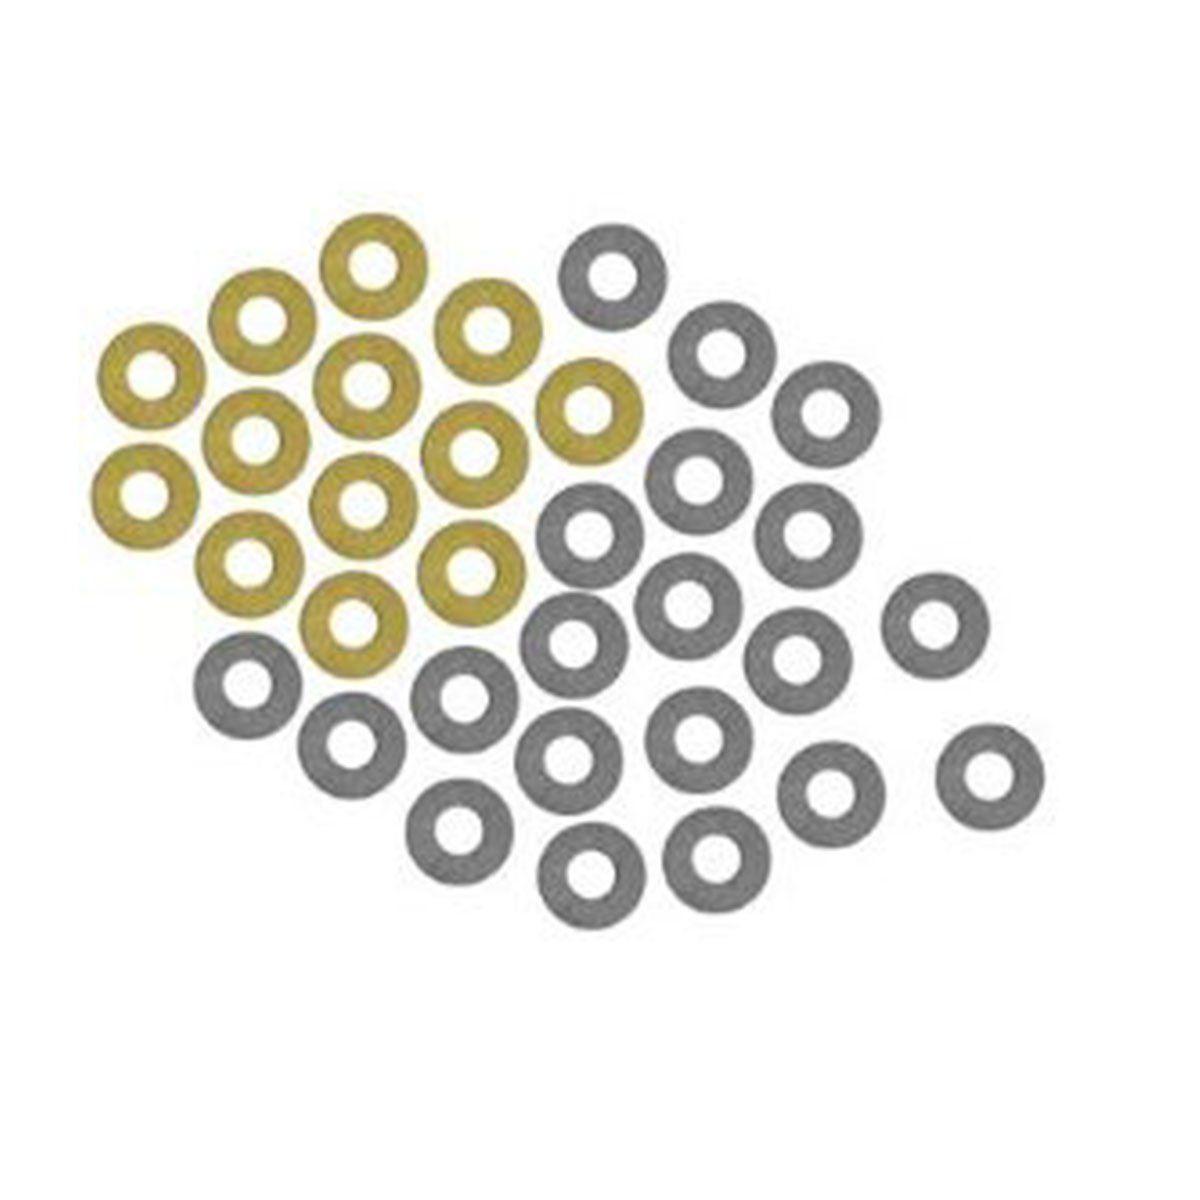 Conjunto de Calços para Engrenagens ( Shims )